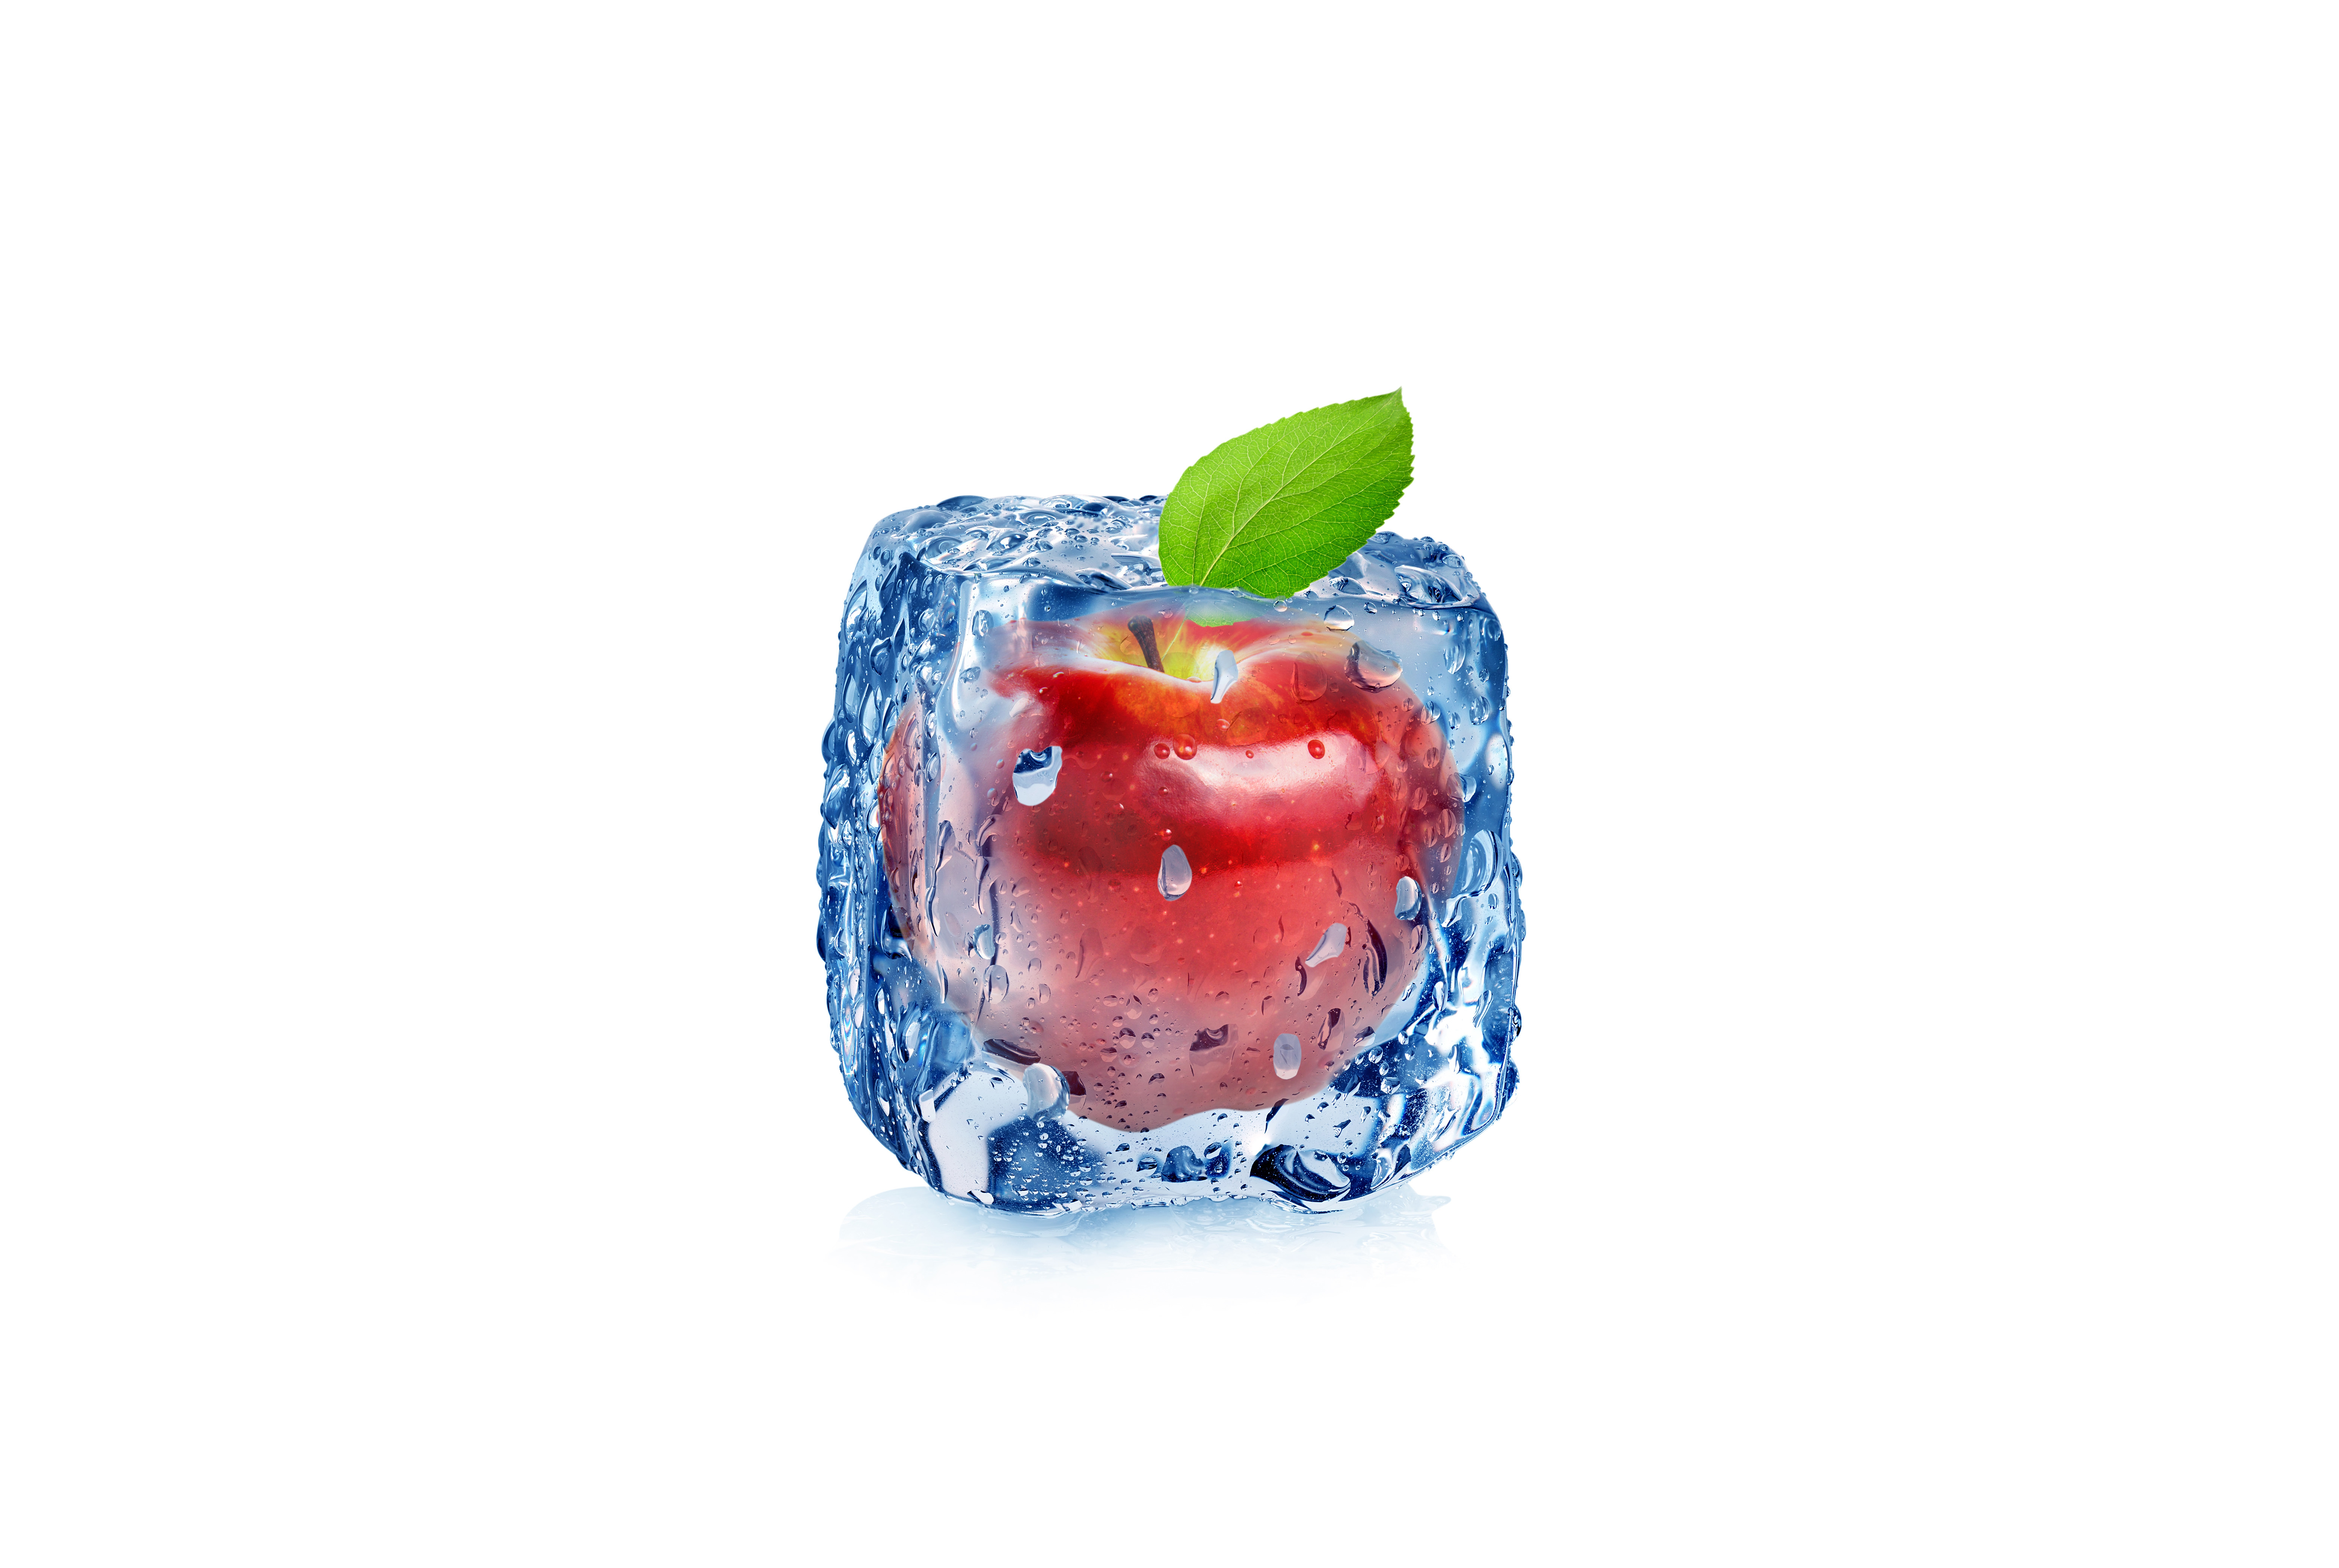 Мороженое чашки яблоки  № 2144203 загрузить